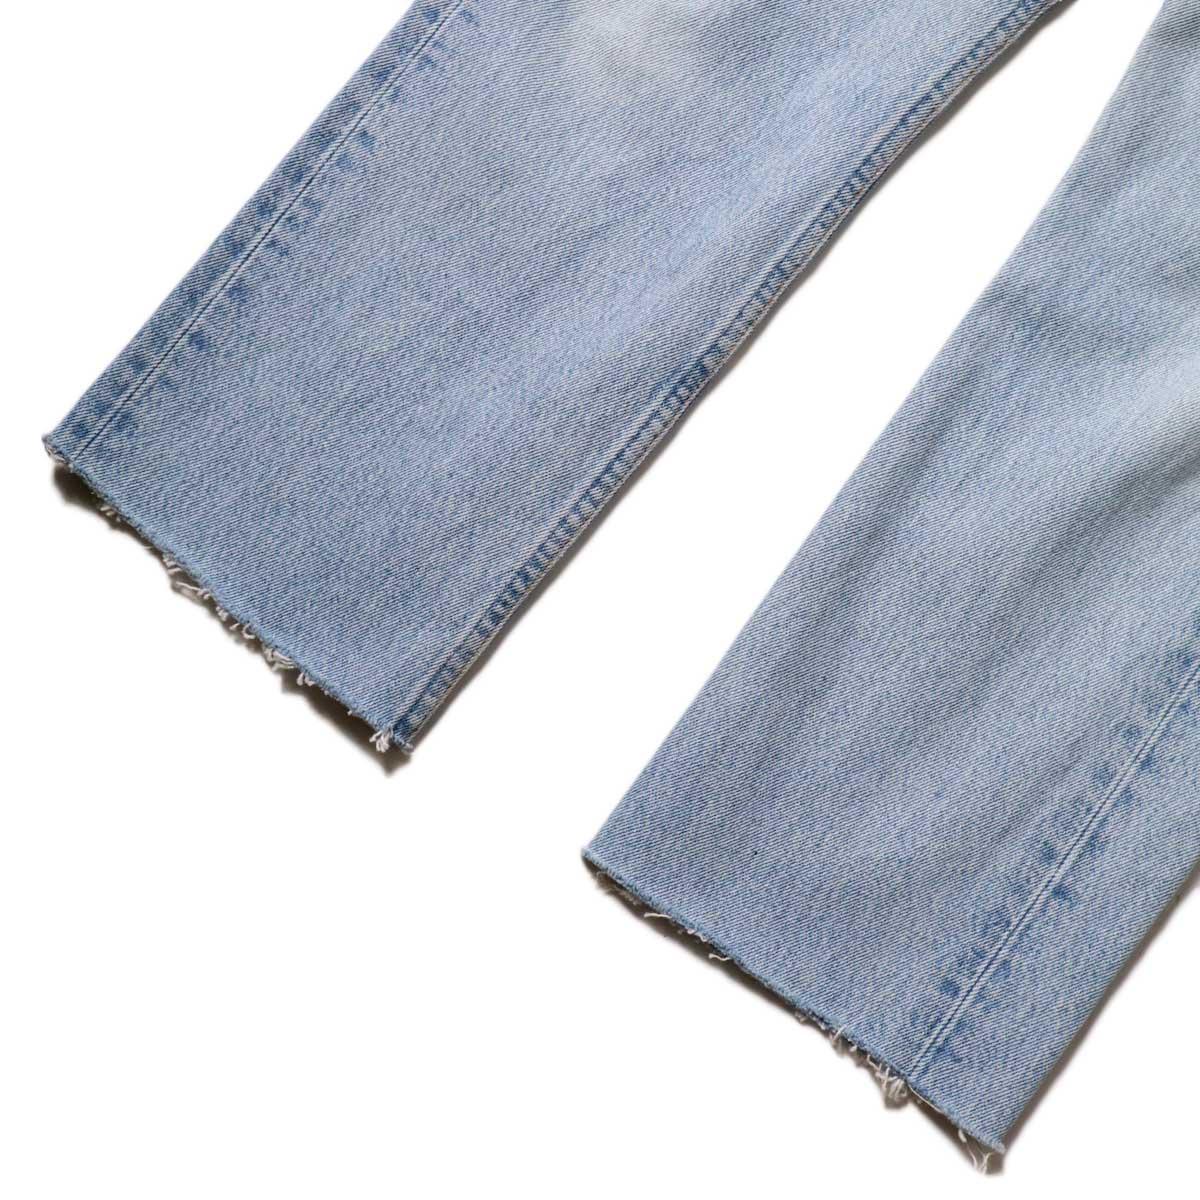 BONUM / BELTED 5P DENIM (28inch) -A 裾